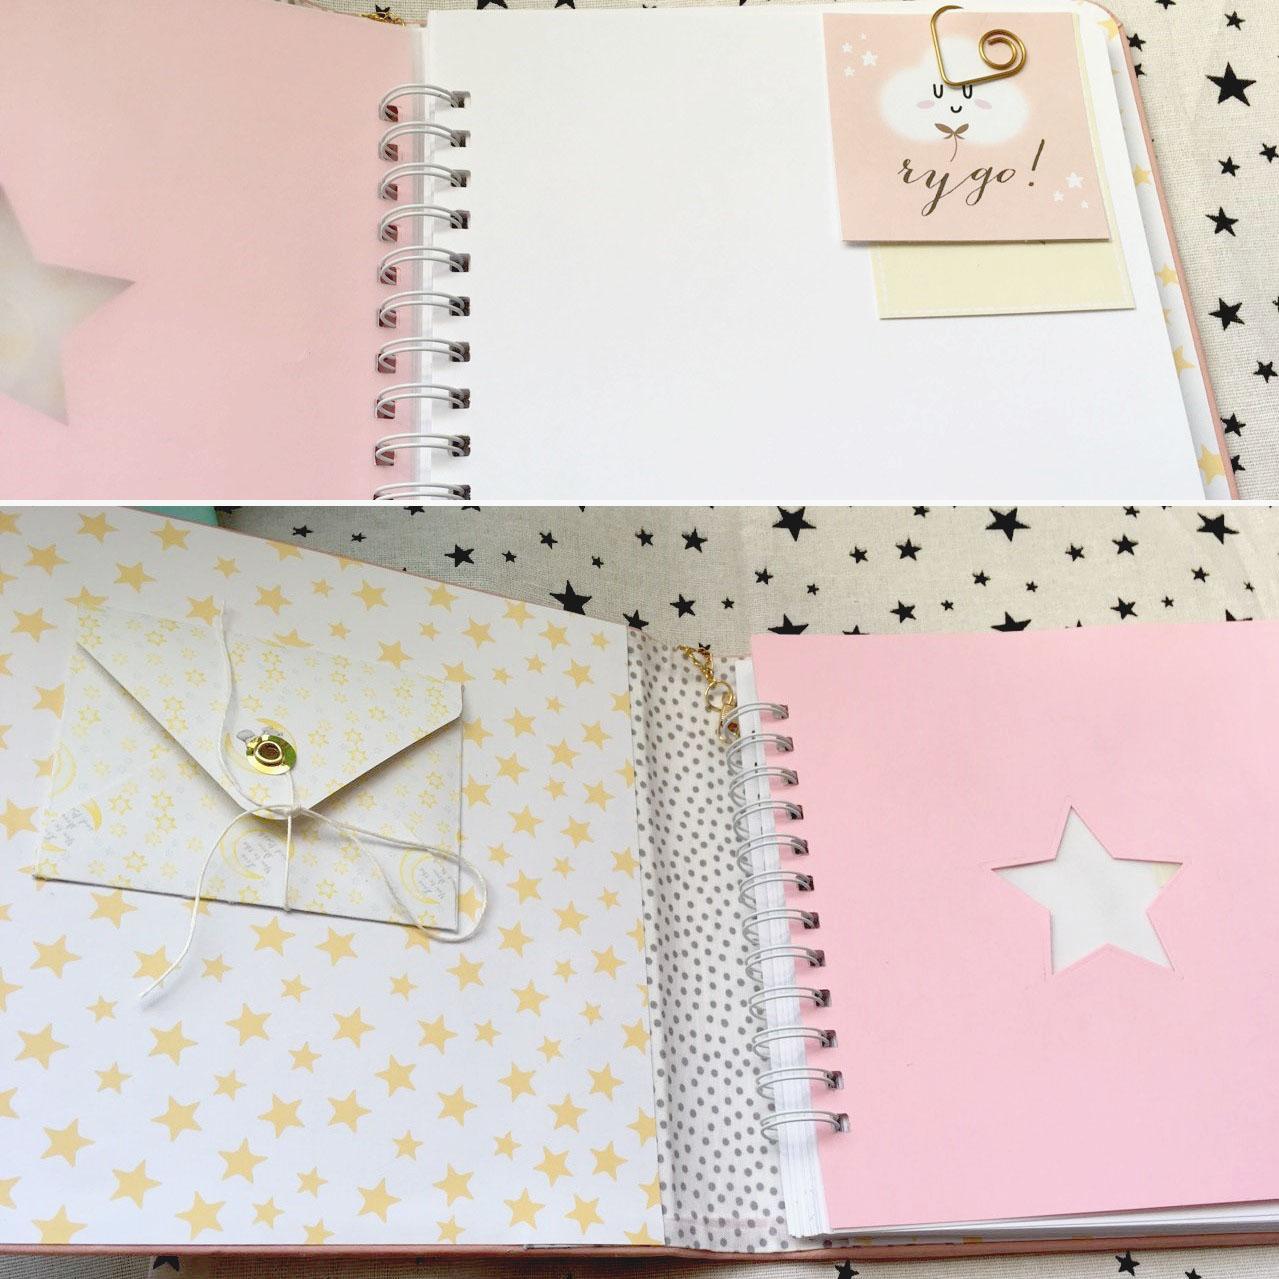 Бебибук My Little Princess, размер 20х20 см, 27 листов, розовая обложка из кожзама